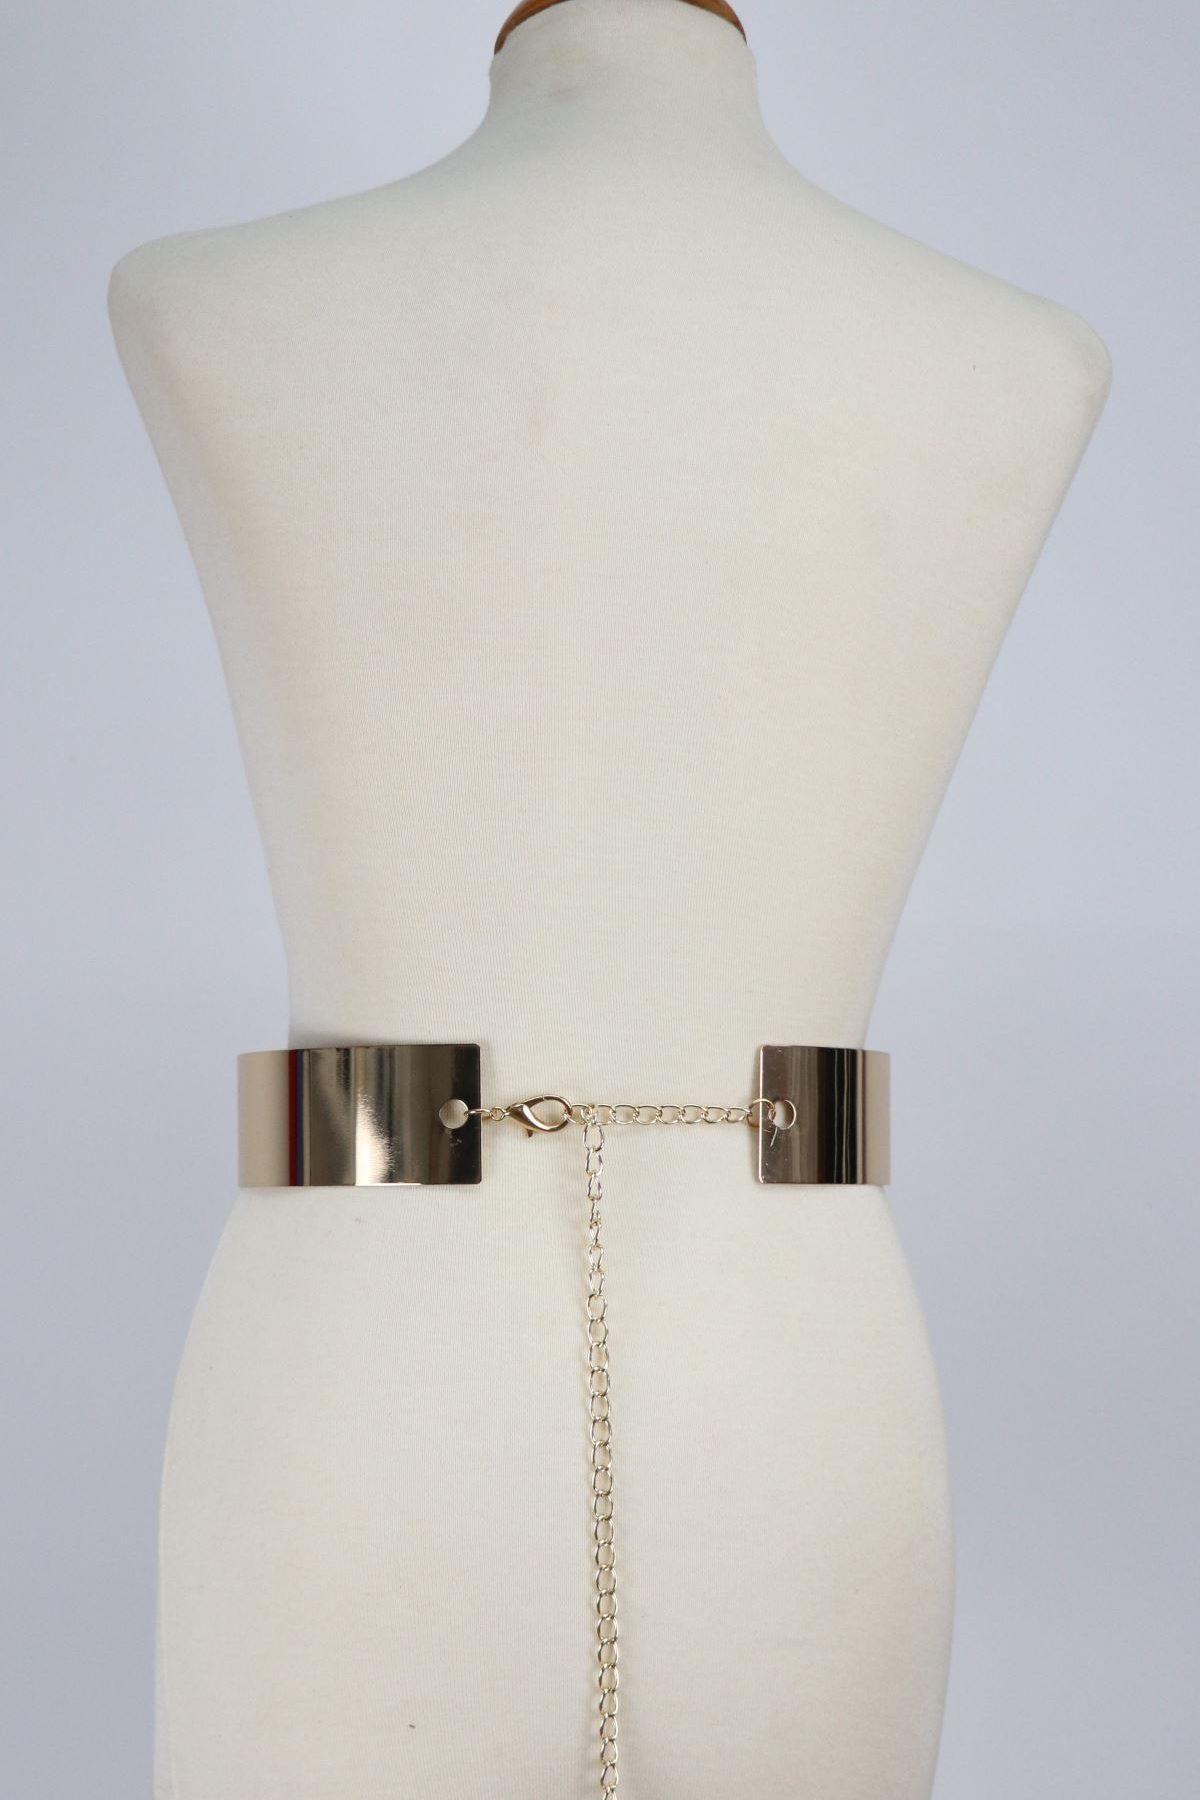 cinturon para vestido de fiesta con reflejo metalico